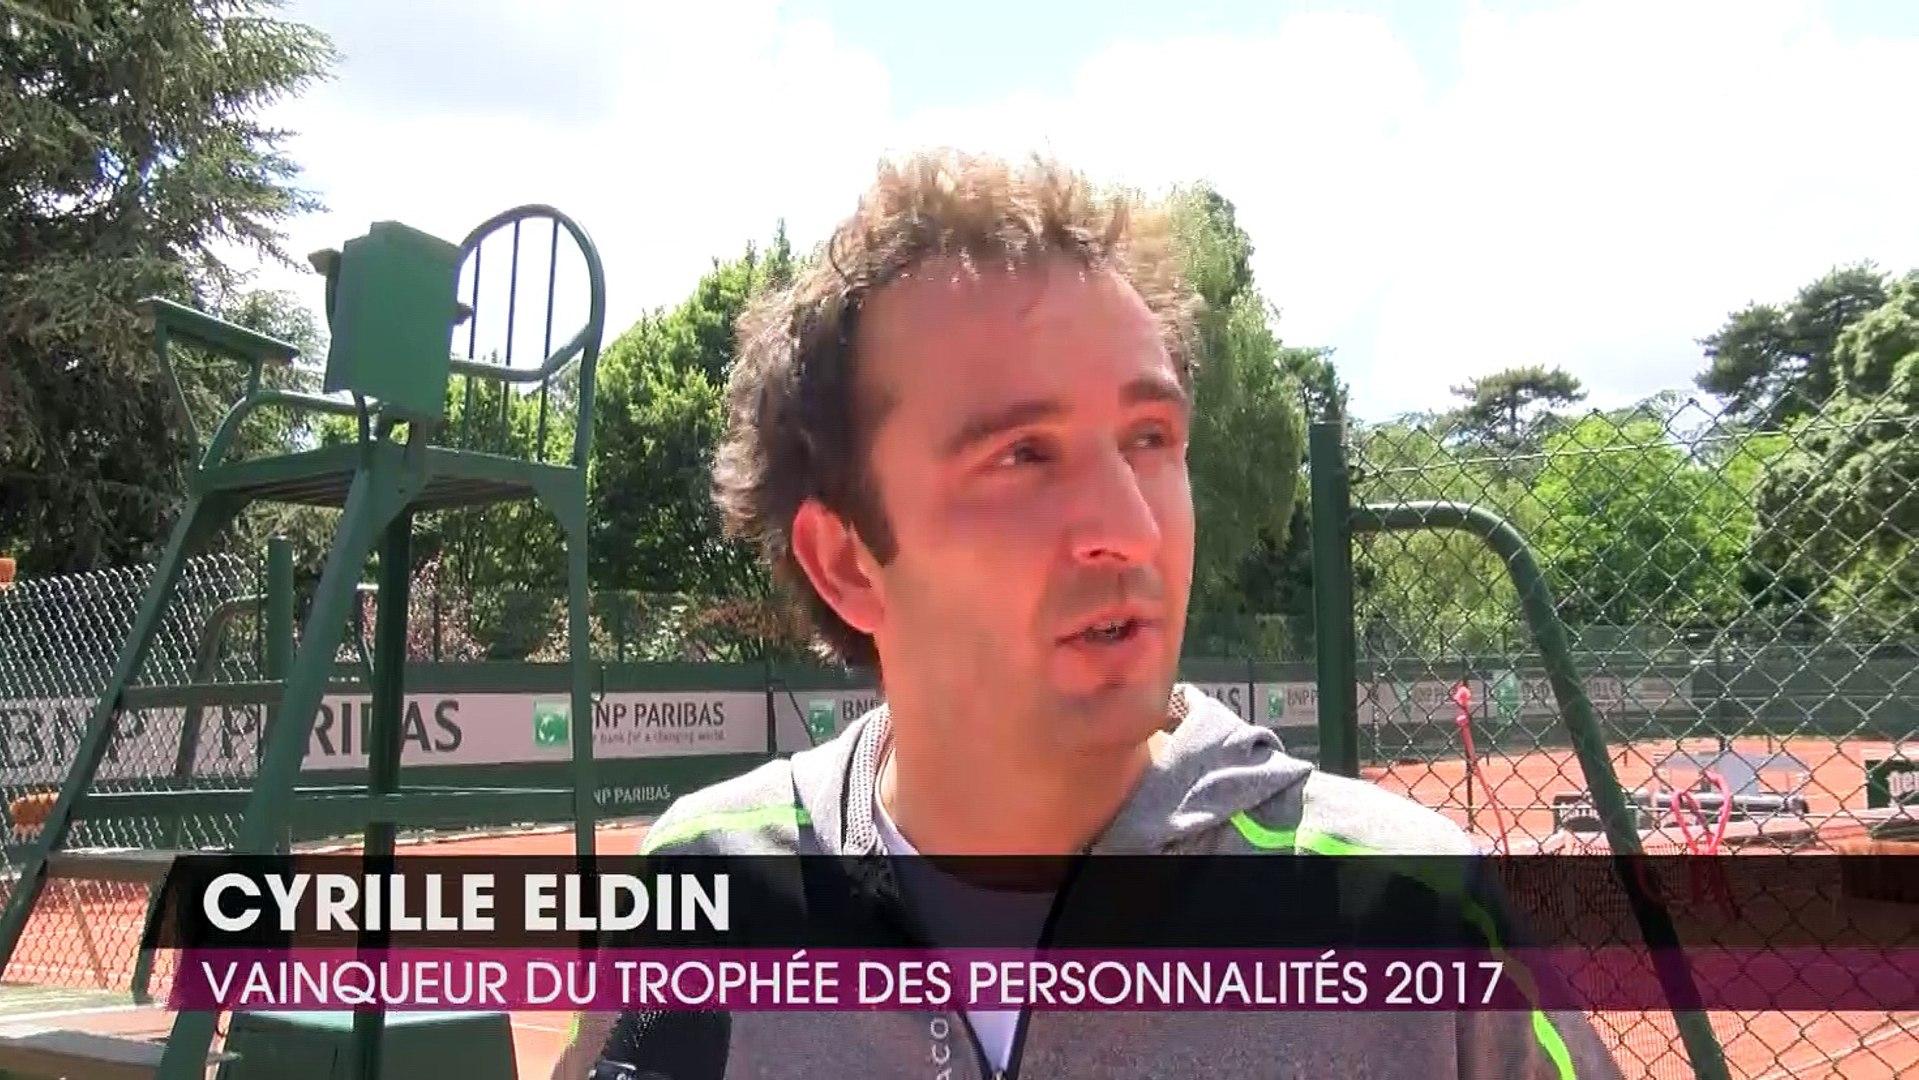 Roland-Garros 2017 : Cyrille Eldin rafle la victoire au Trophée des Personnalités (EXCLU VIDÉO)